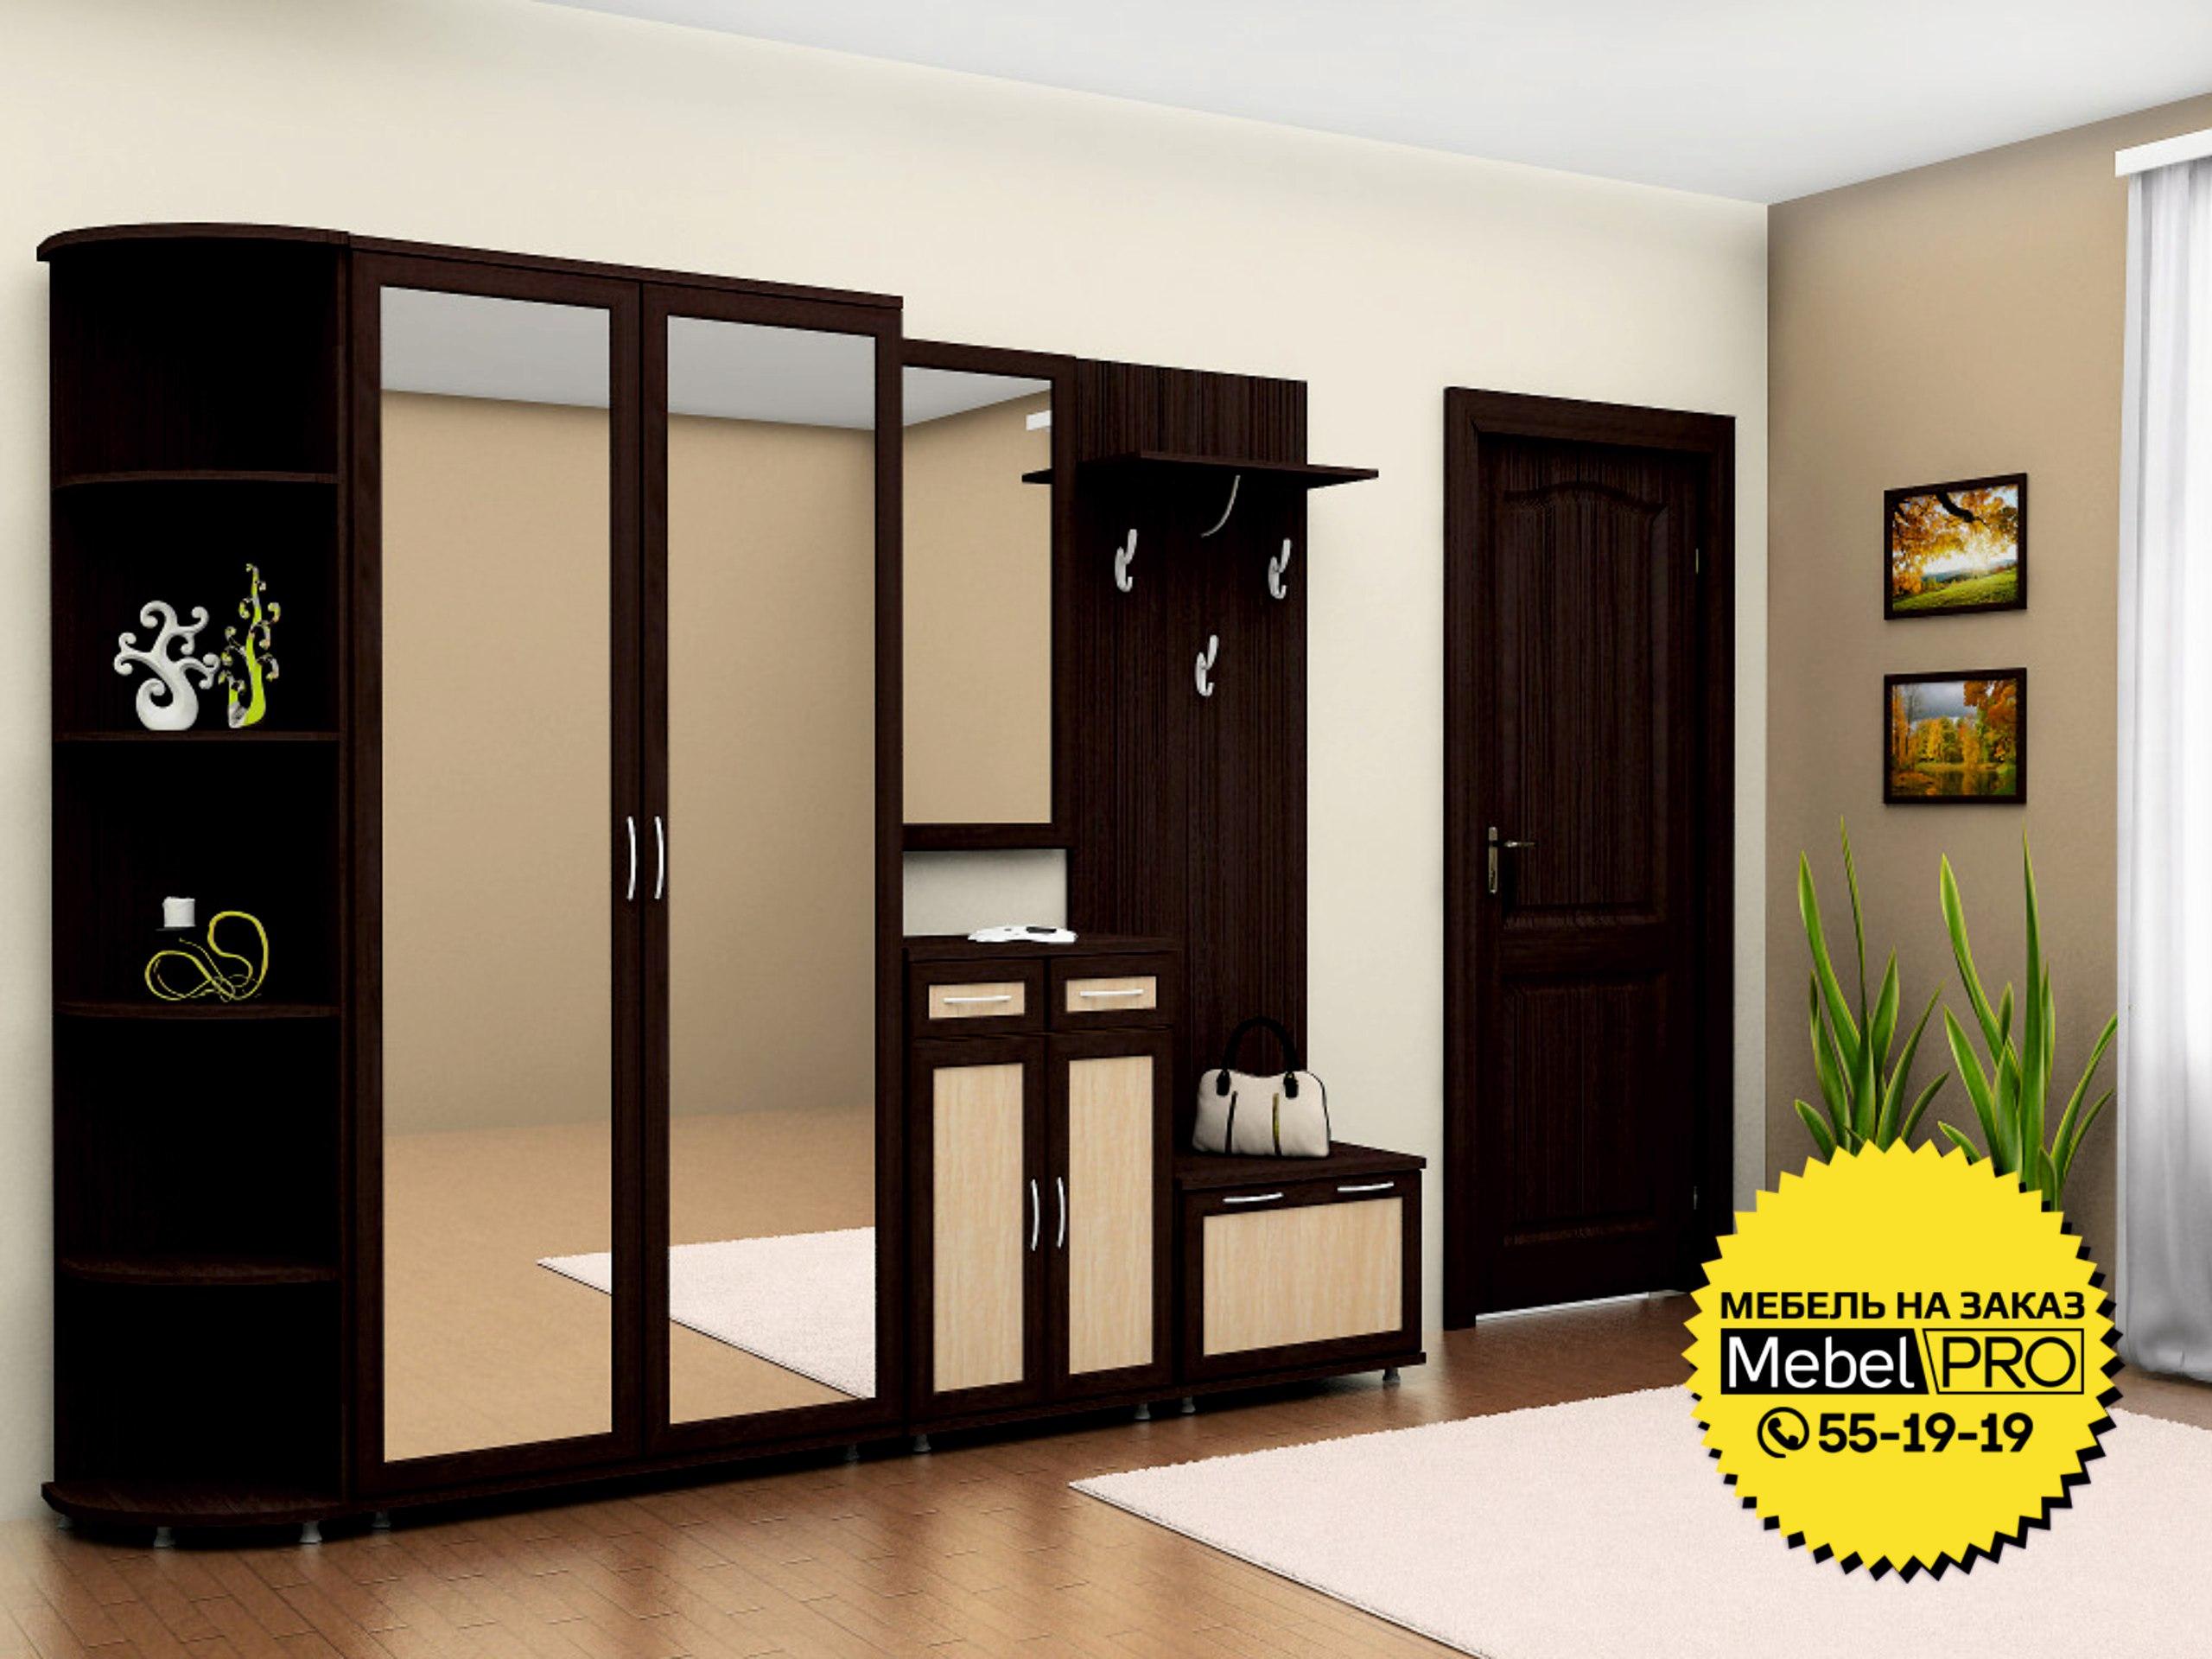 Прихожие - мебель для прихожей: фото, цены, индивидуальный д.